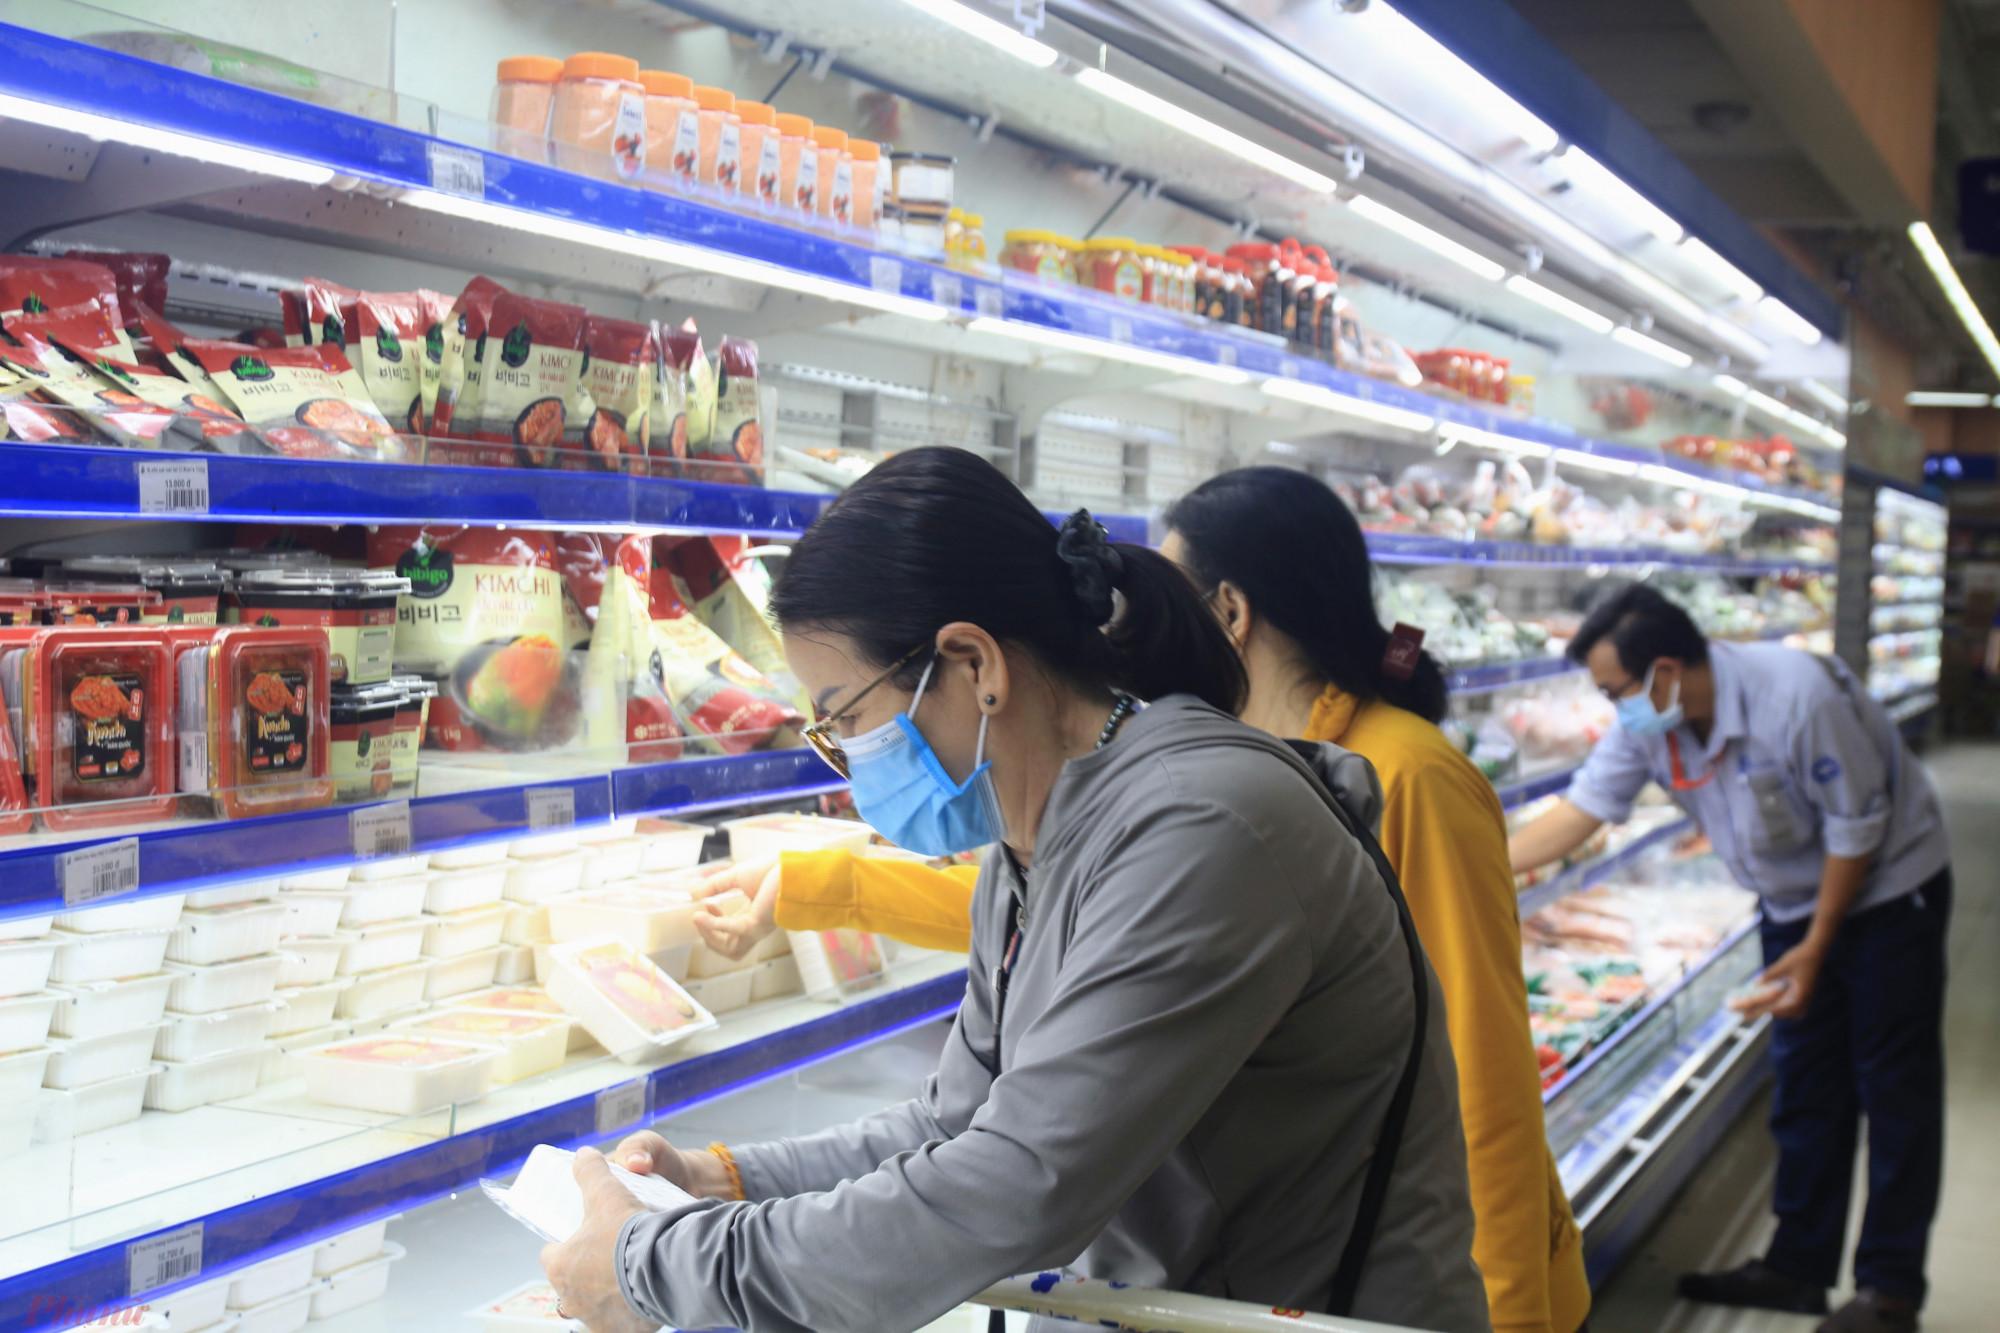 Chị Phạm Thị Thu Hồng (P. Tân Thuận, Q.7) phấn khởi chia sẻ, có thể mua hàng trực tiếp trở lại, đều đó chứng tỏ tình hình dịch bệnh đã dần được kiểm soát. Việc mua hàng trực tiếp vẫn tốt hơn, mình có thể được lựa chọn theo ý mình, chứ đặt hàng hay nhờ đi chợ hộ còn rất nhiều hạn chế